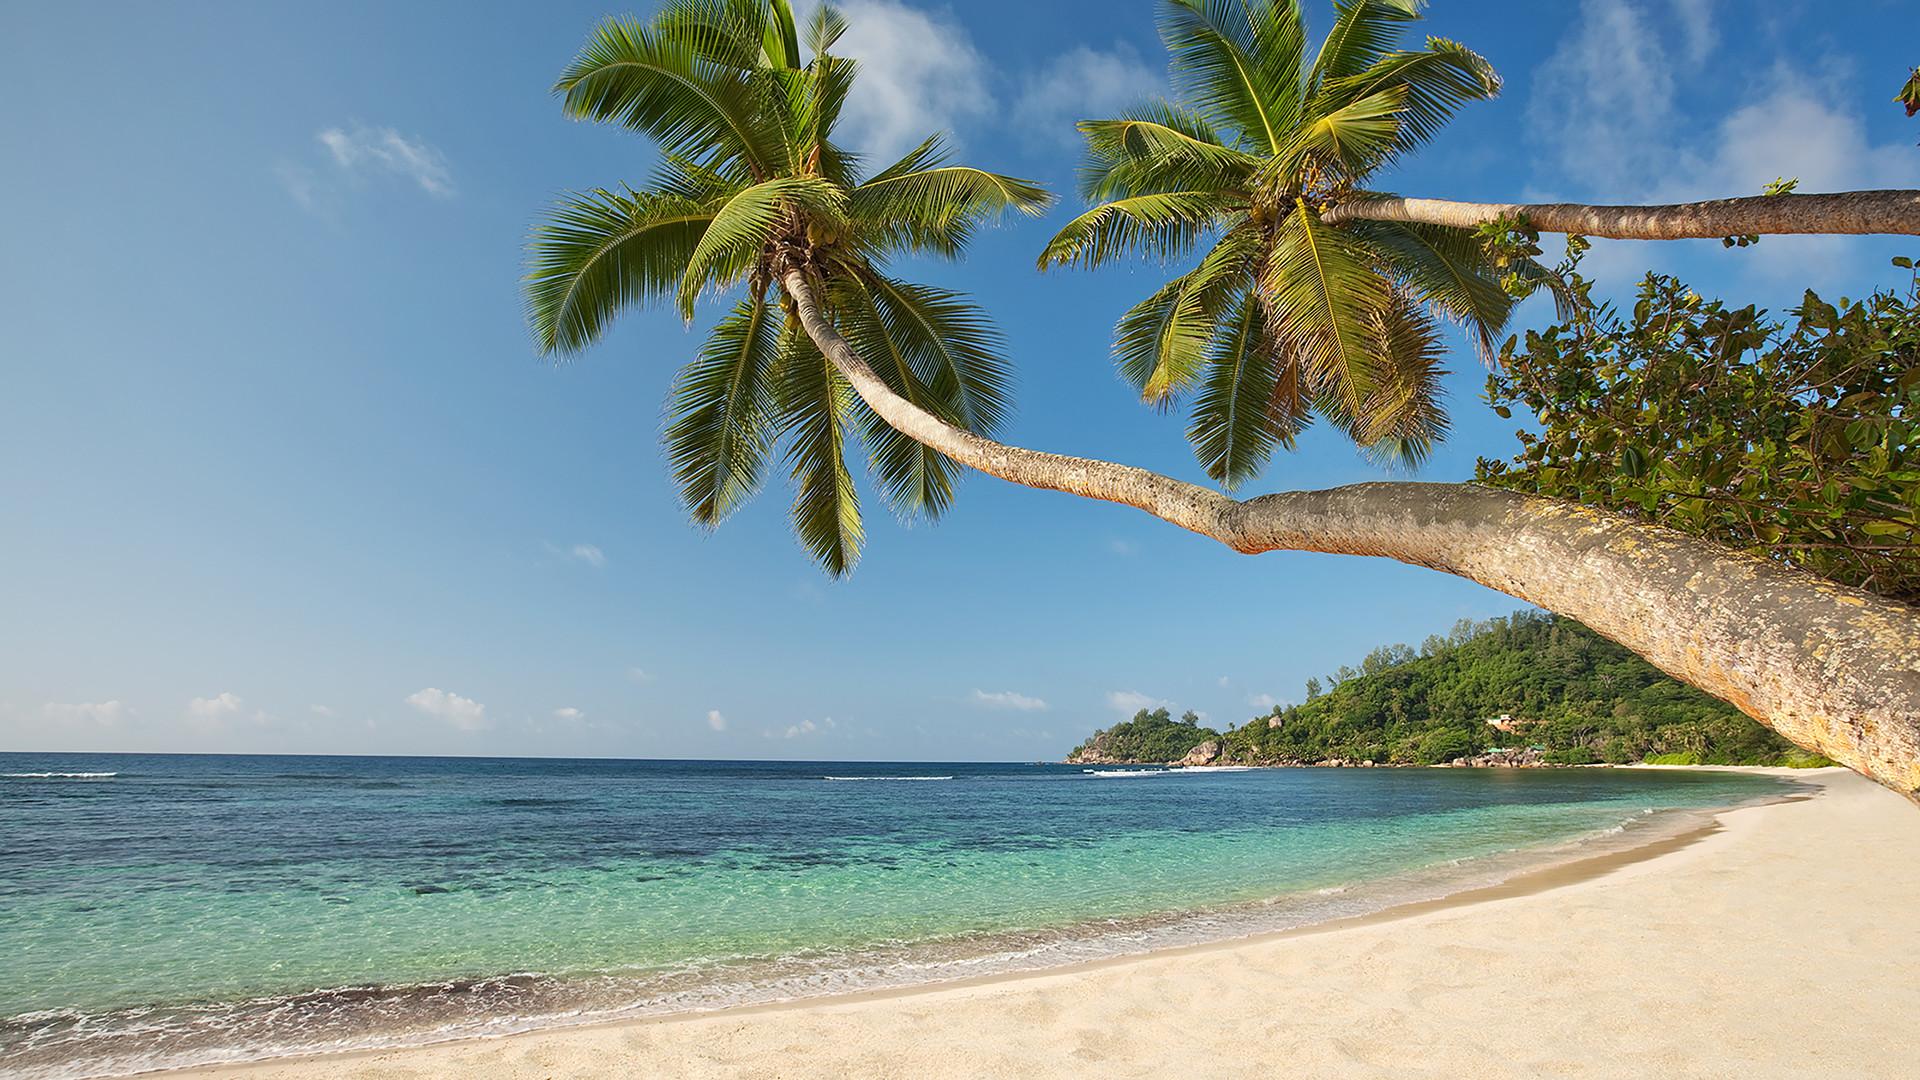 Hotel Kempinski Seychelles Resort #6